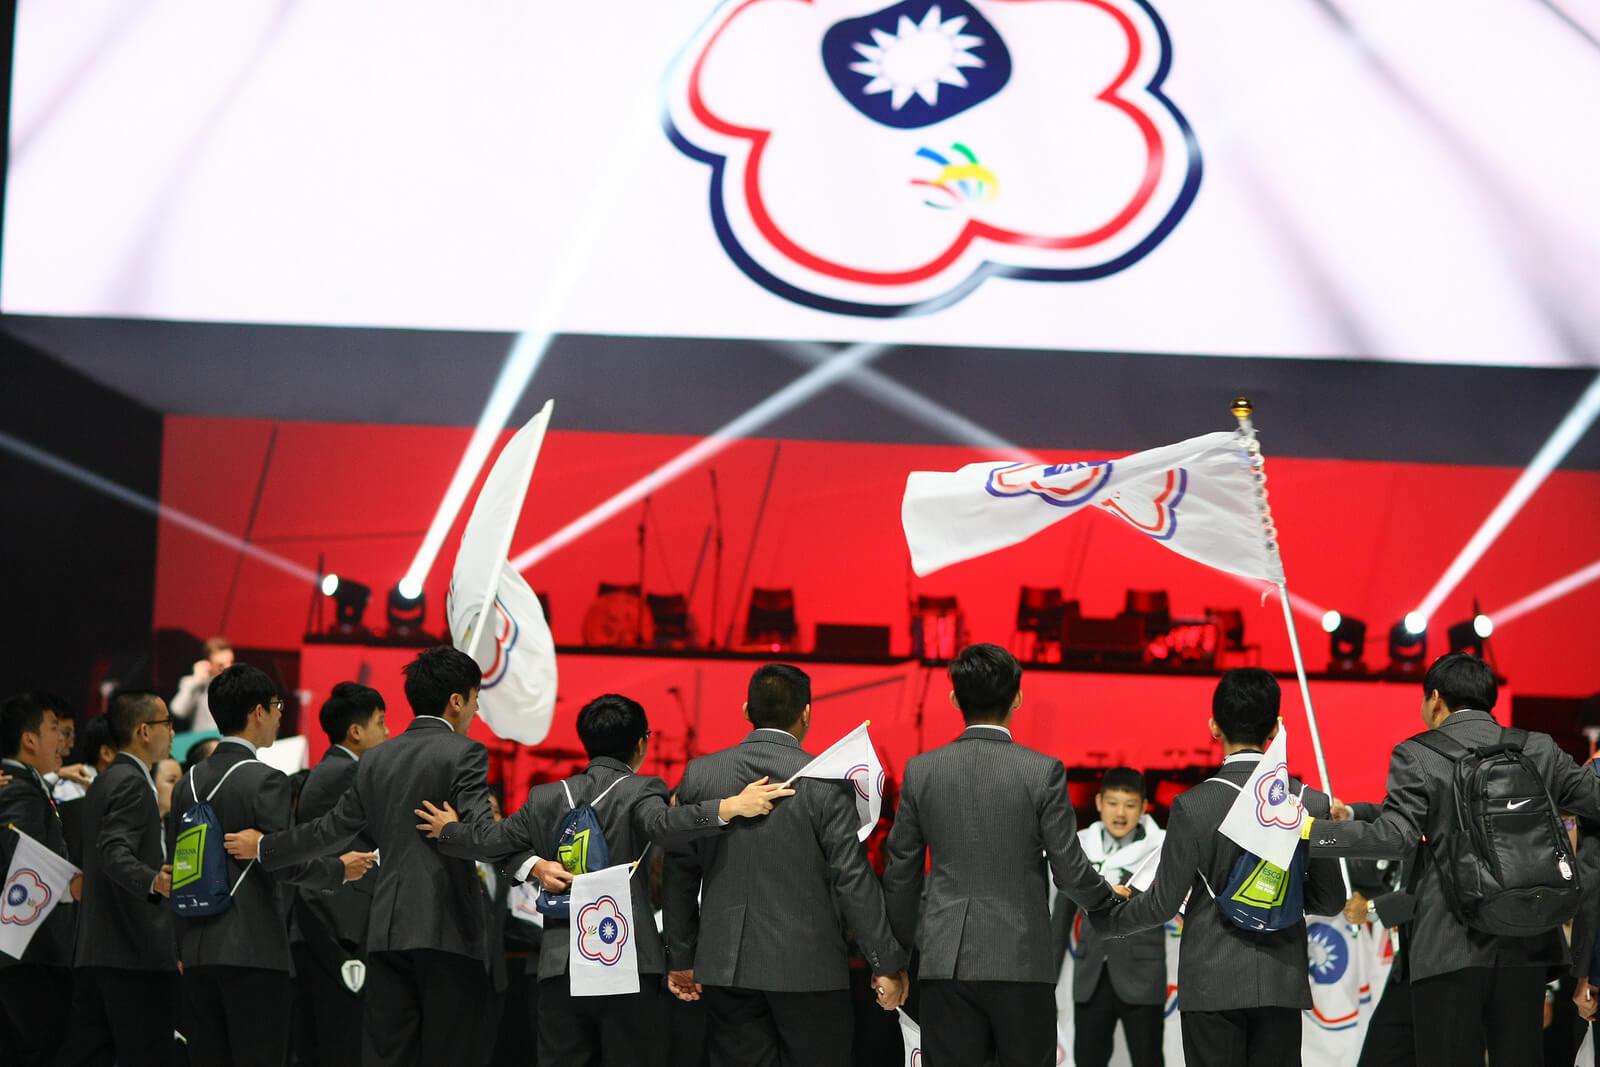 黃偉翔/技職競賽窮途末盡?「相忍為國」的技職國手團隊們